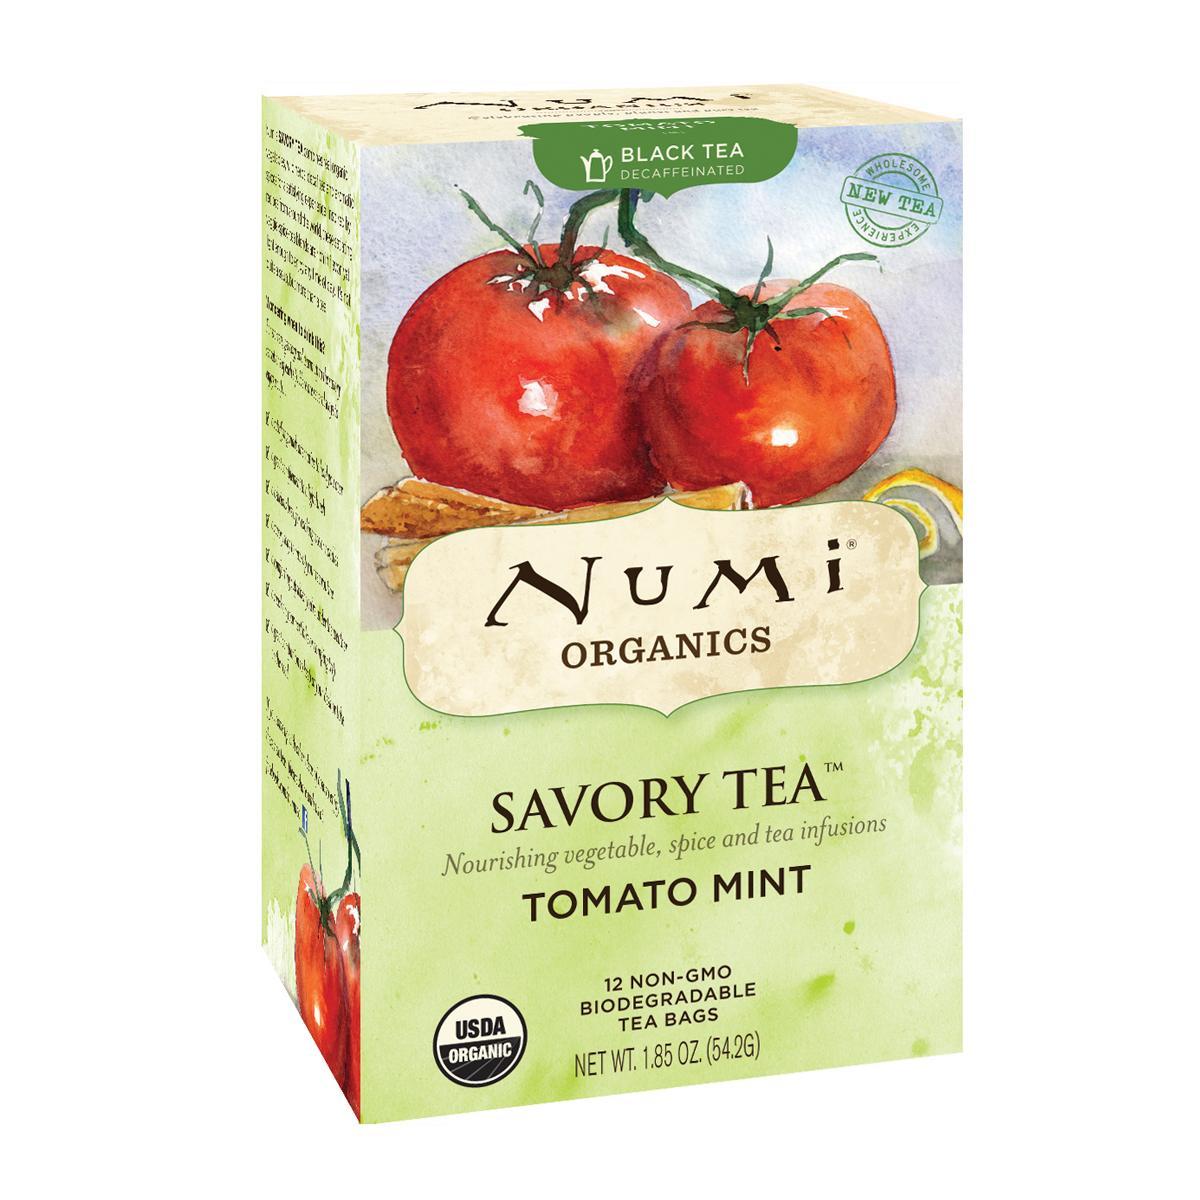 Numi Kořeněný čaj Tomato Mint, Savory Tea 12 ks, 52,4 g